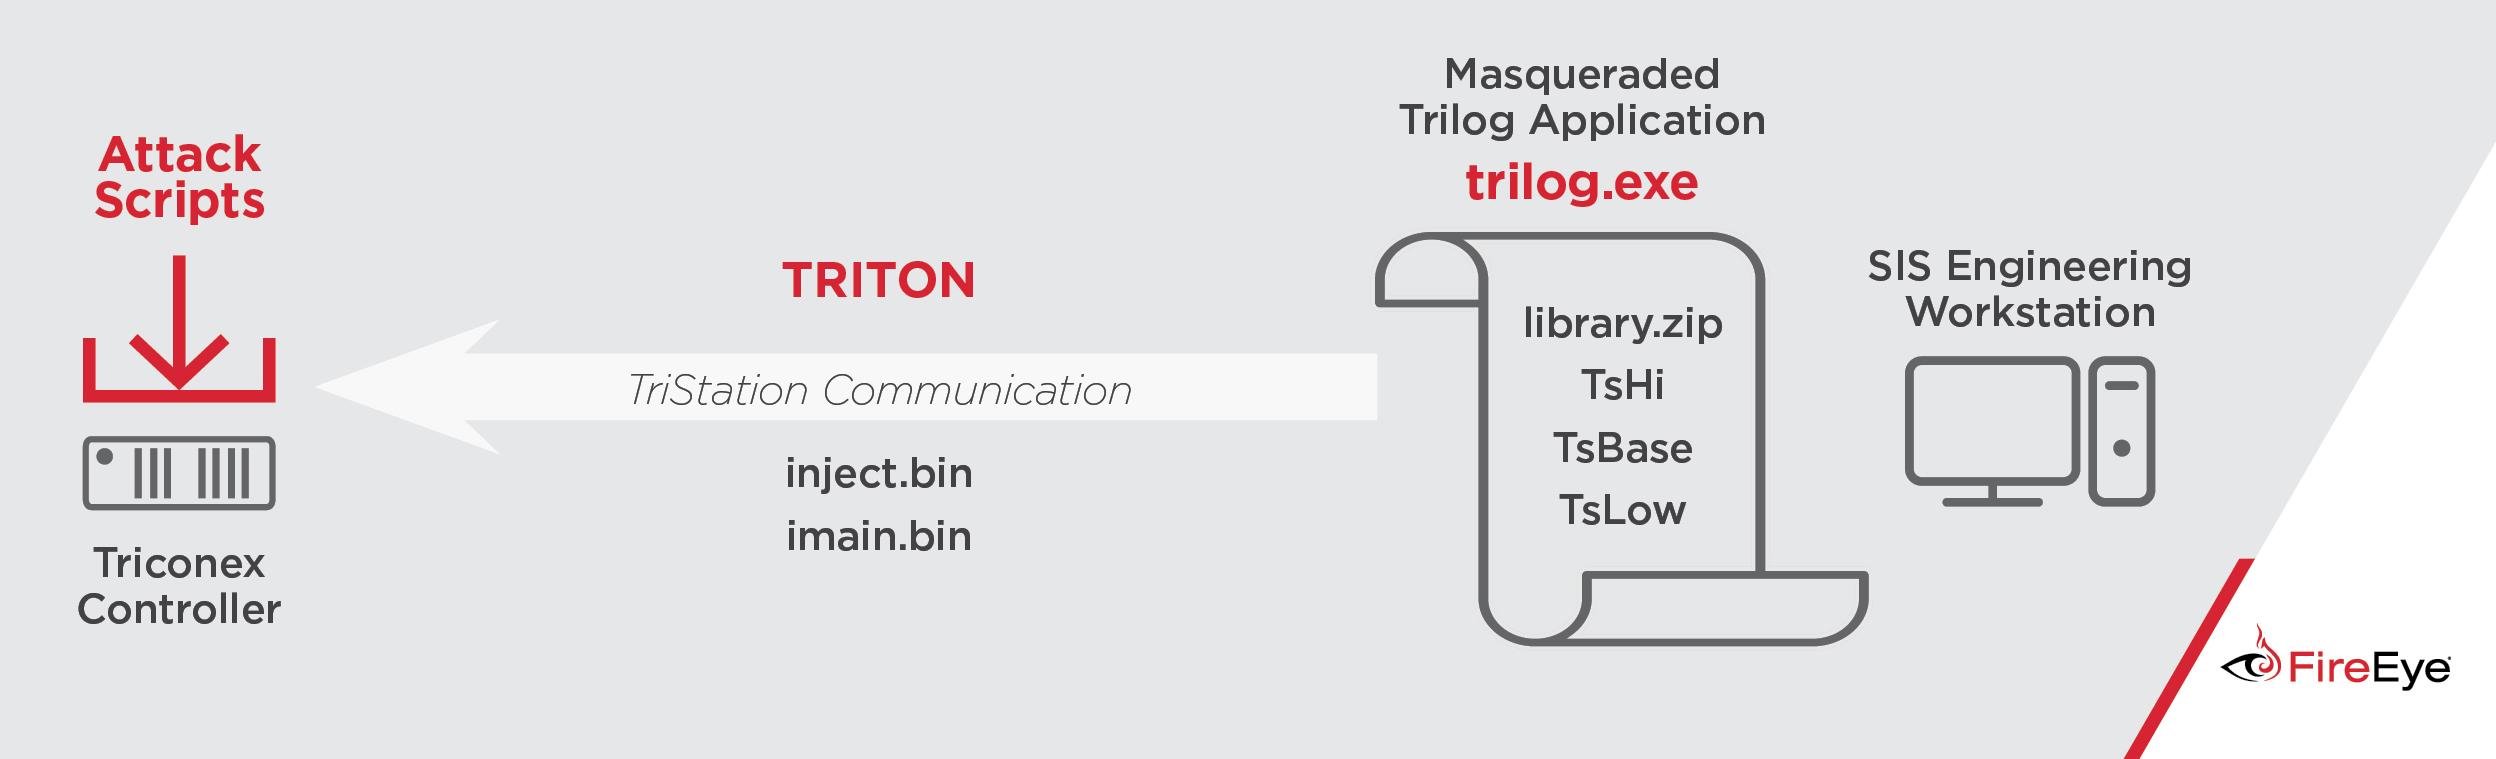 Triton Trisis Hatman